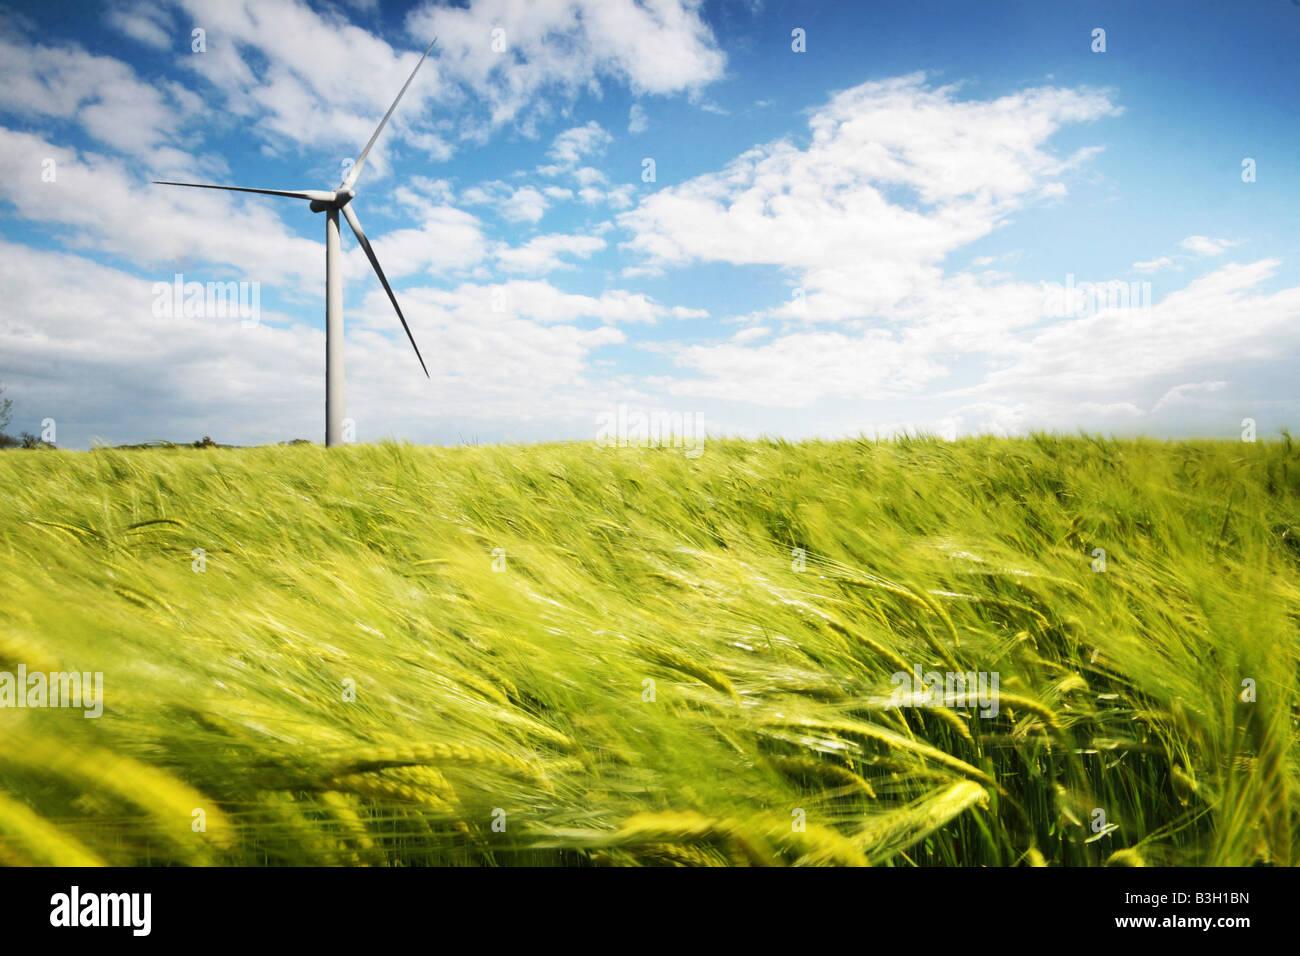 Windkraftanlage in einem Weizenfeld Stockbild